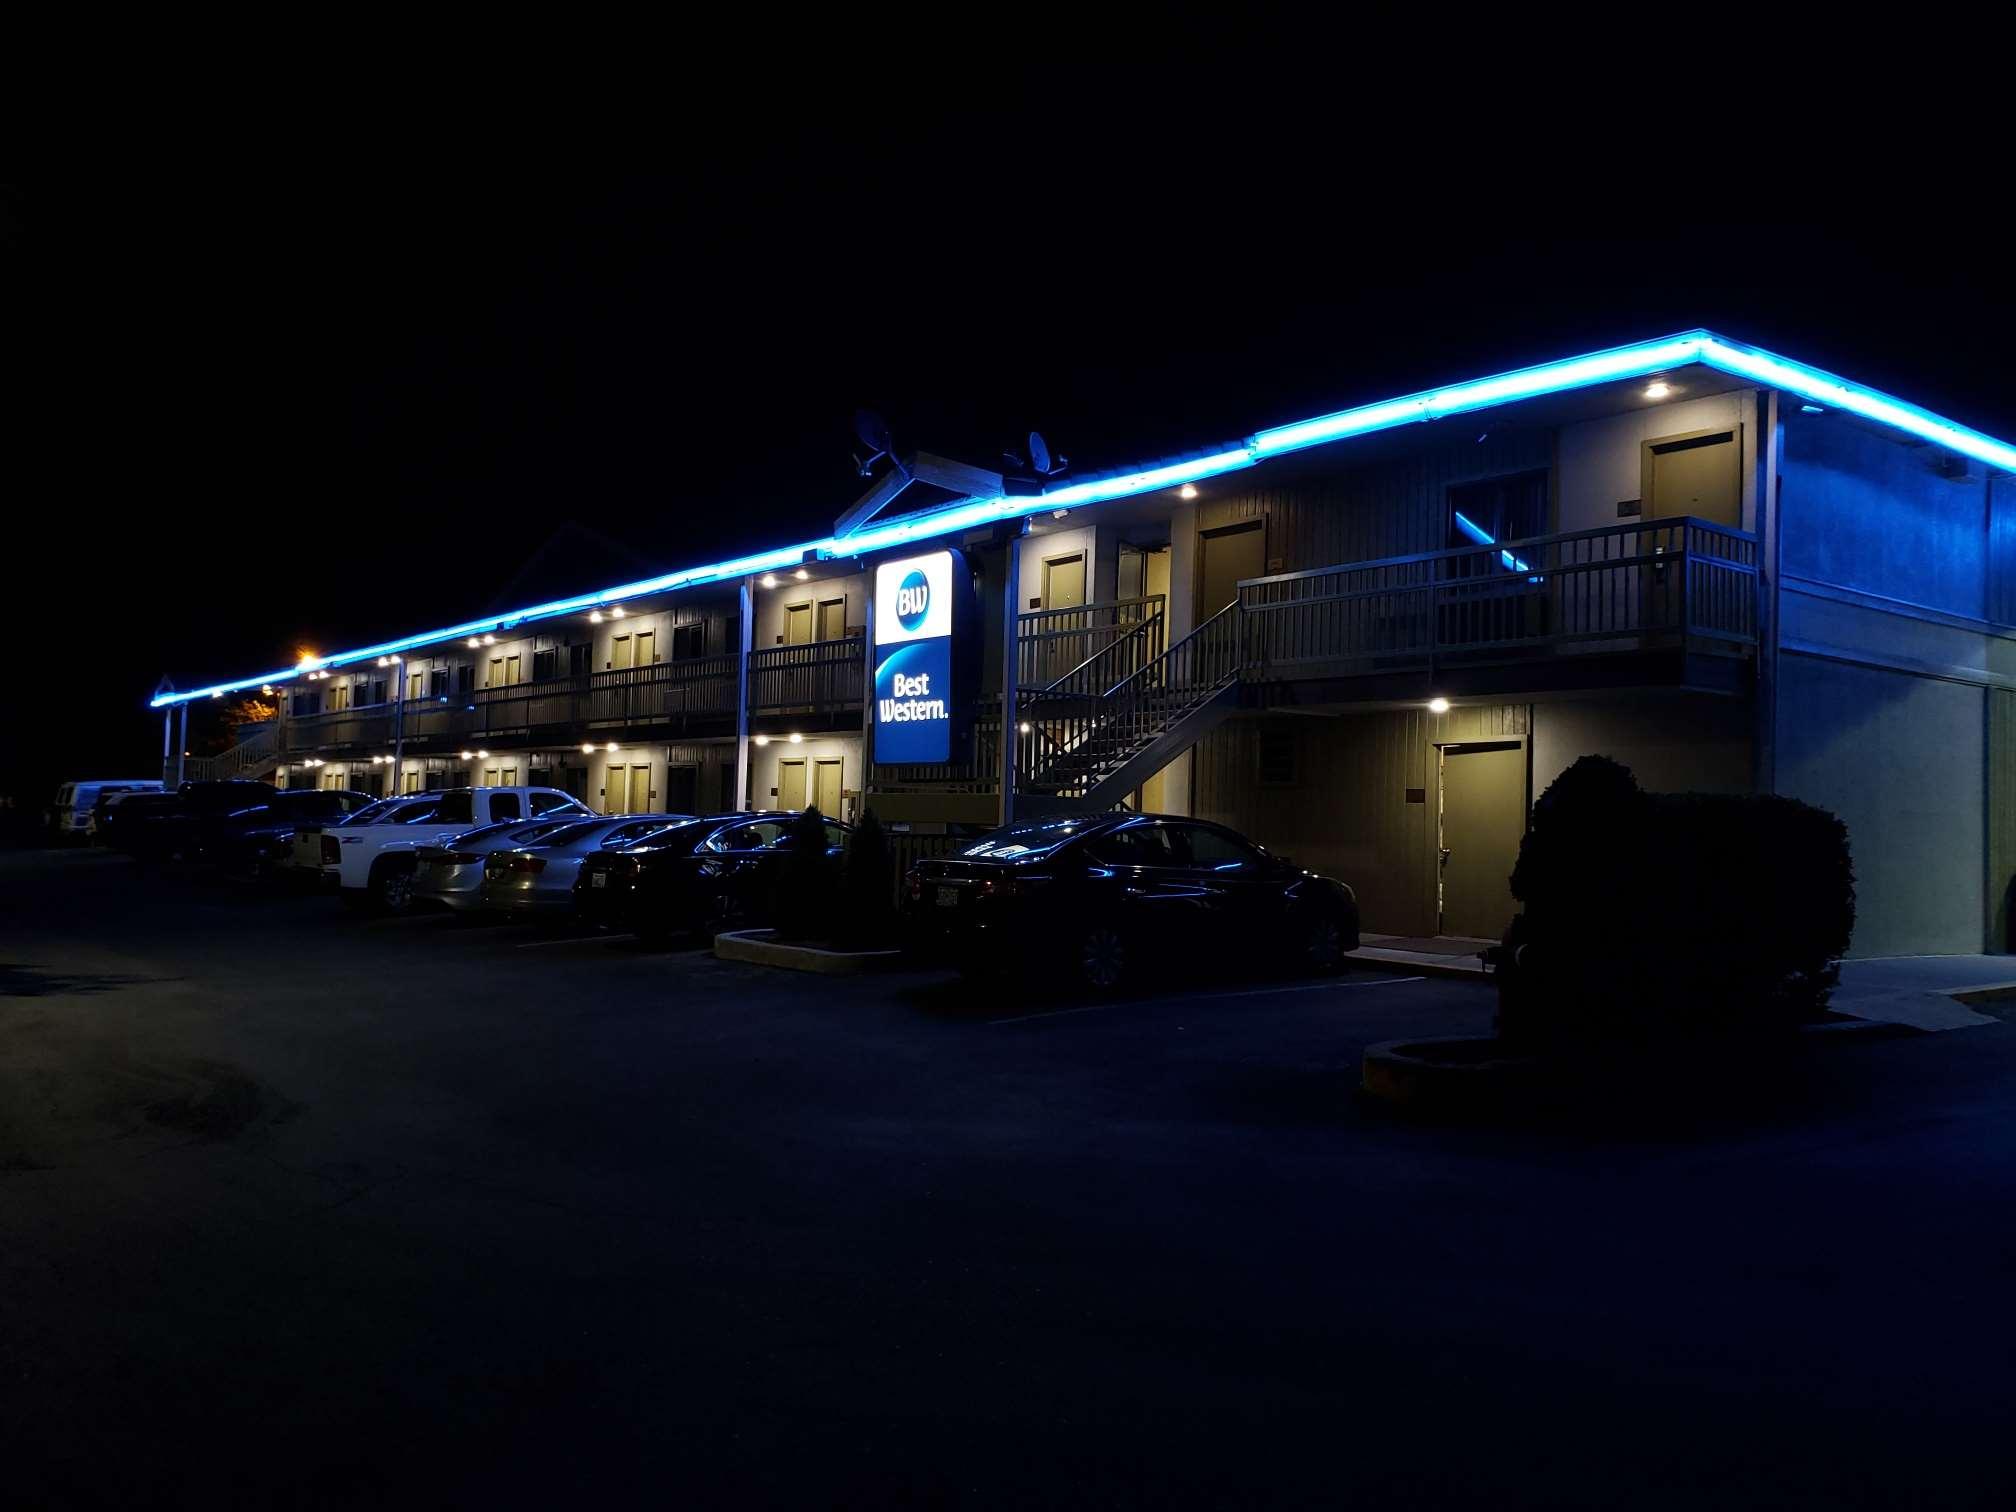 Best Western Airport Inn image 3